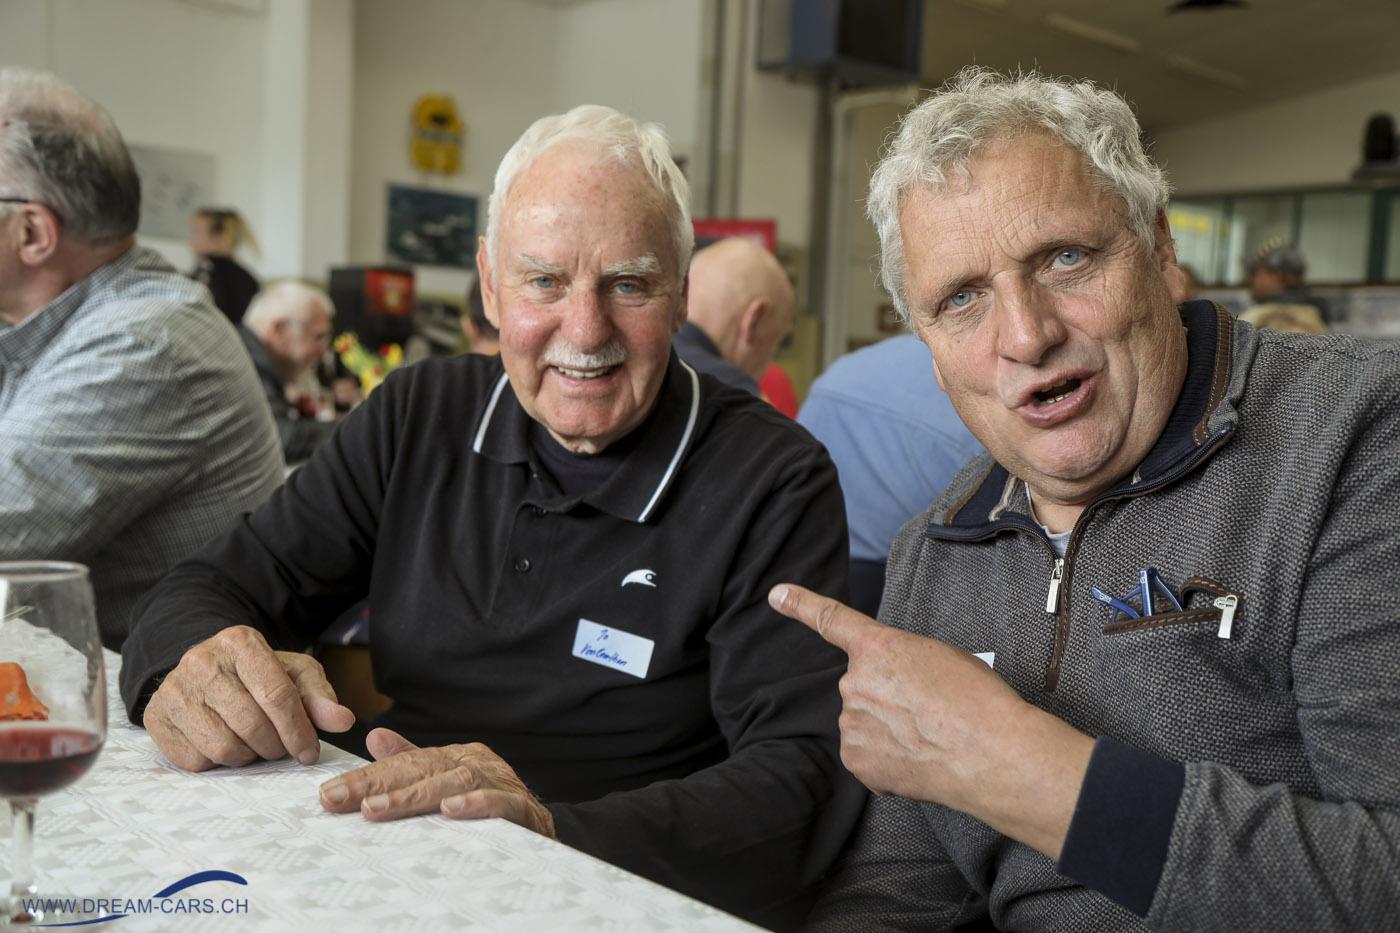 Rennfahrertreffen Bleienbach, 6. April 2019. Jo Vonlanthen links mit dem Organisator und Betreiber des Restaurant Flügerli in Bleienbach, Peter Dätwyler